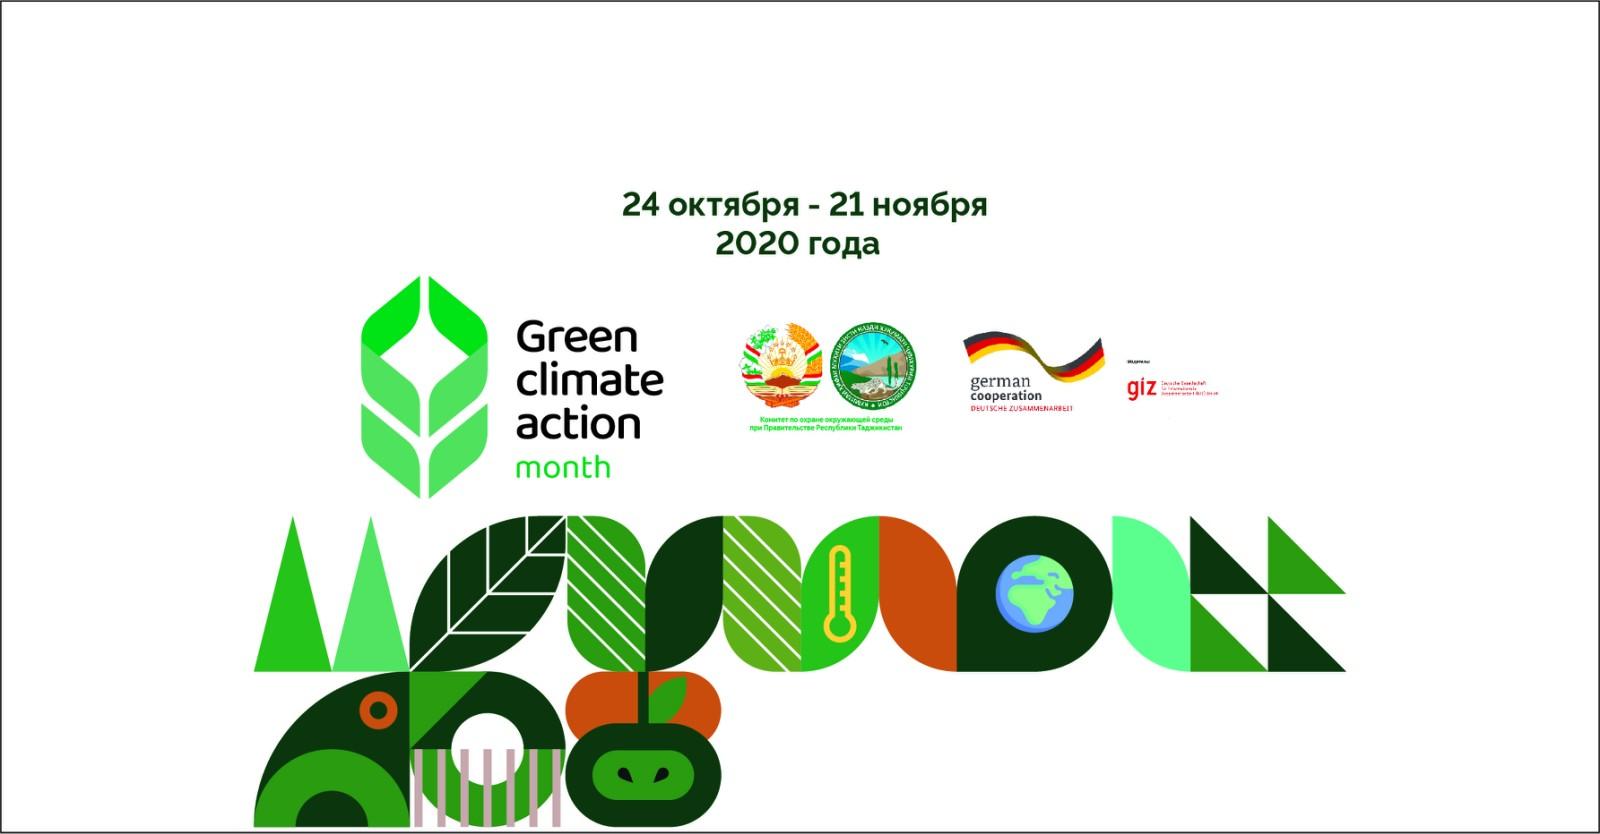 В Таджикистане 24 октября стартует месяц действий по развитию зеленого климата